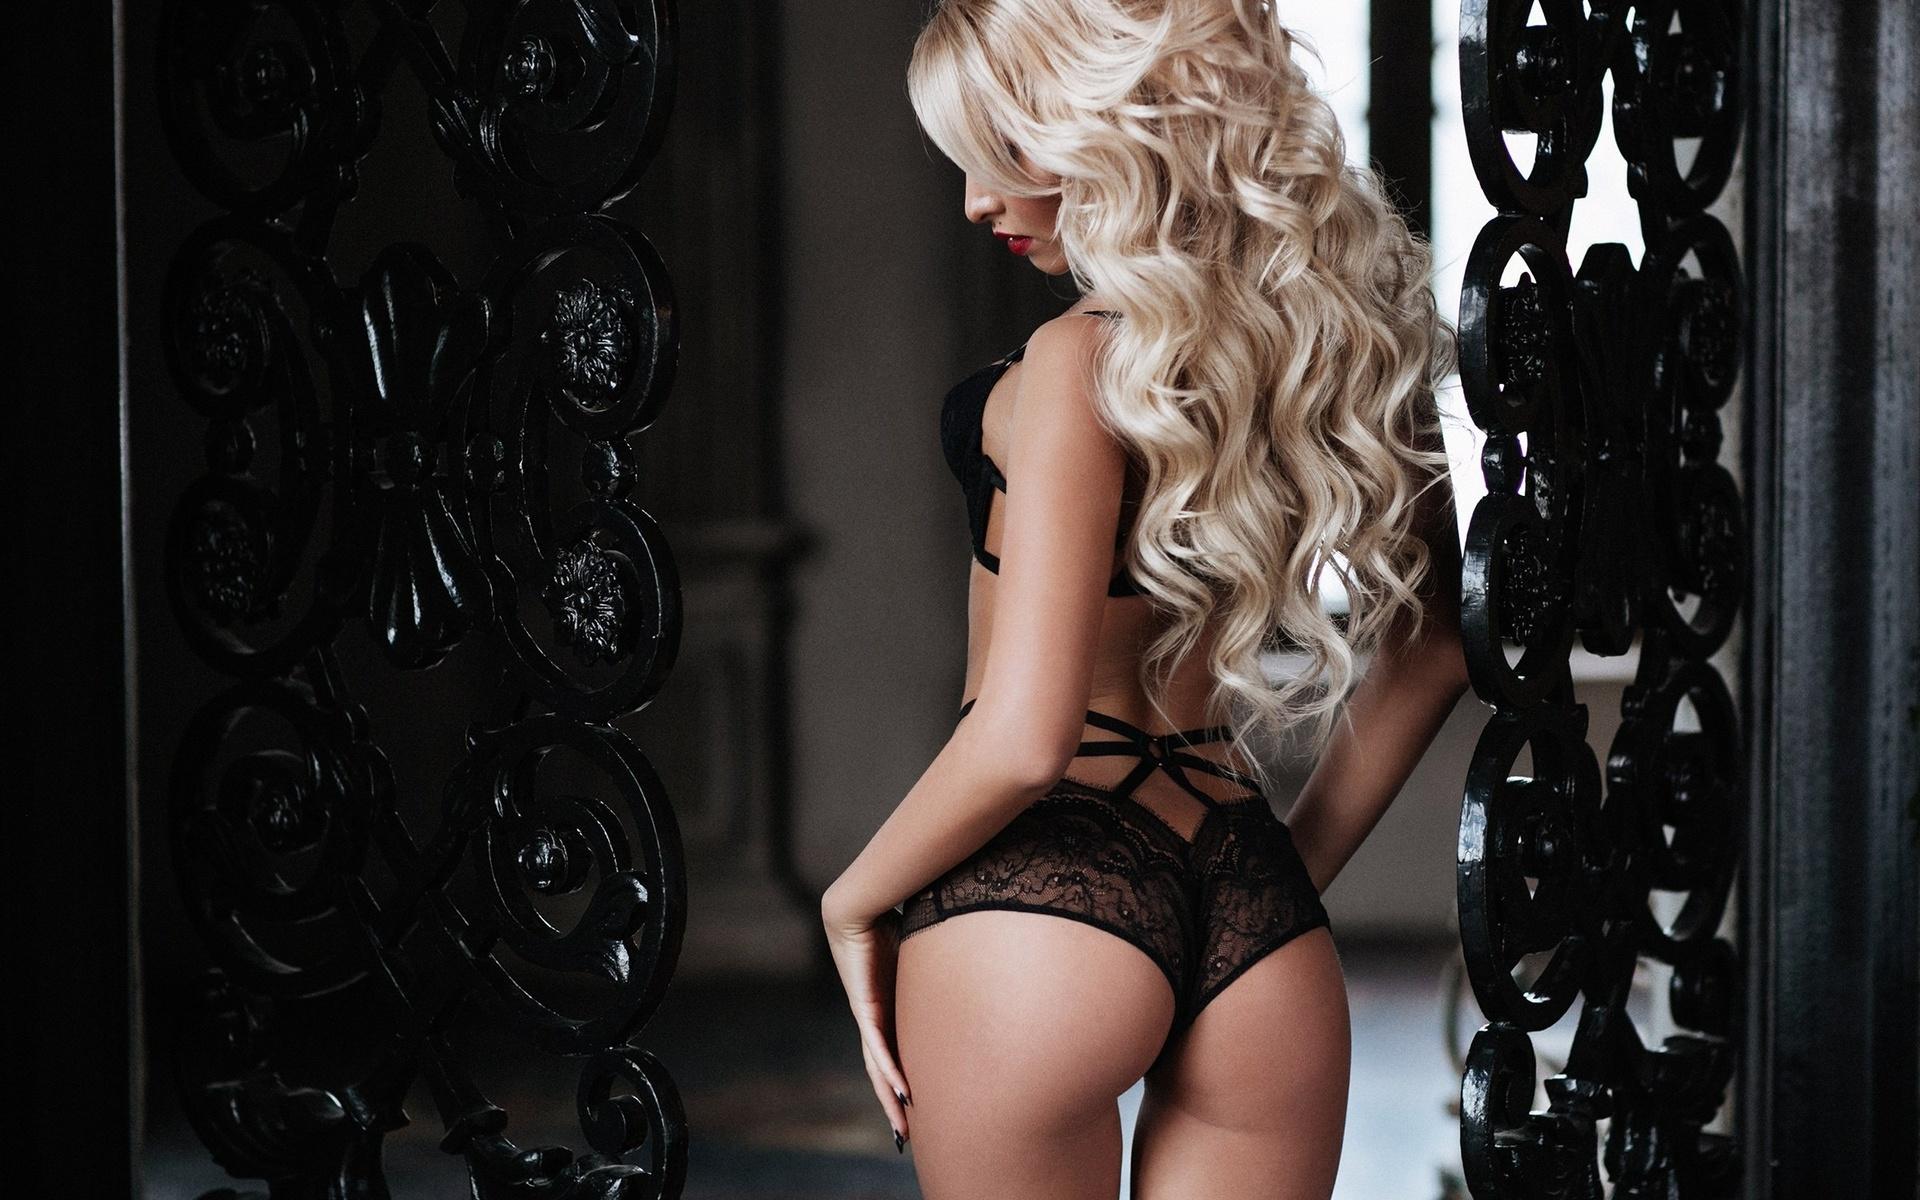 foto-devushek-blondinok-v-chernom-nizhnem-bele-rakom-porno-obyatiya-prekrasnoy-blondinki